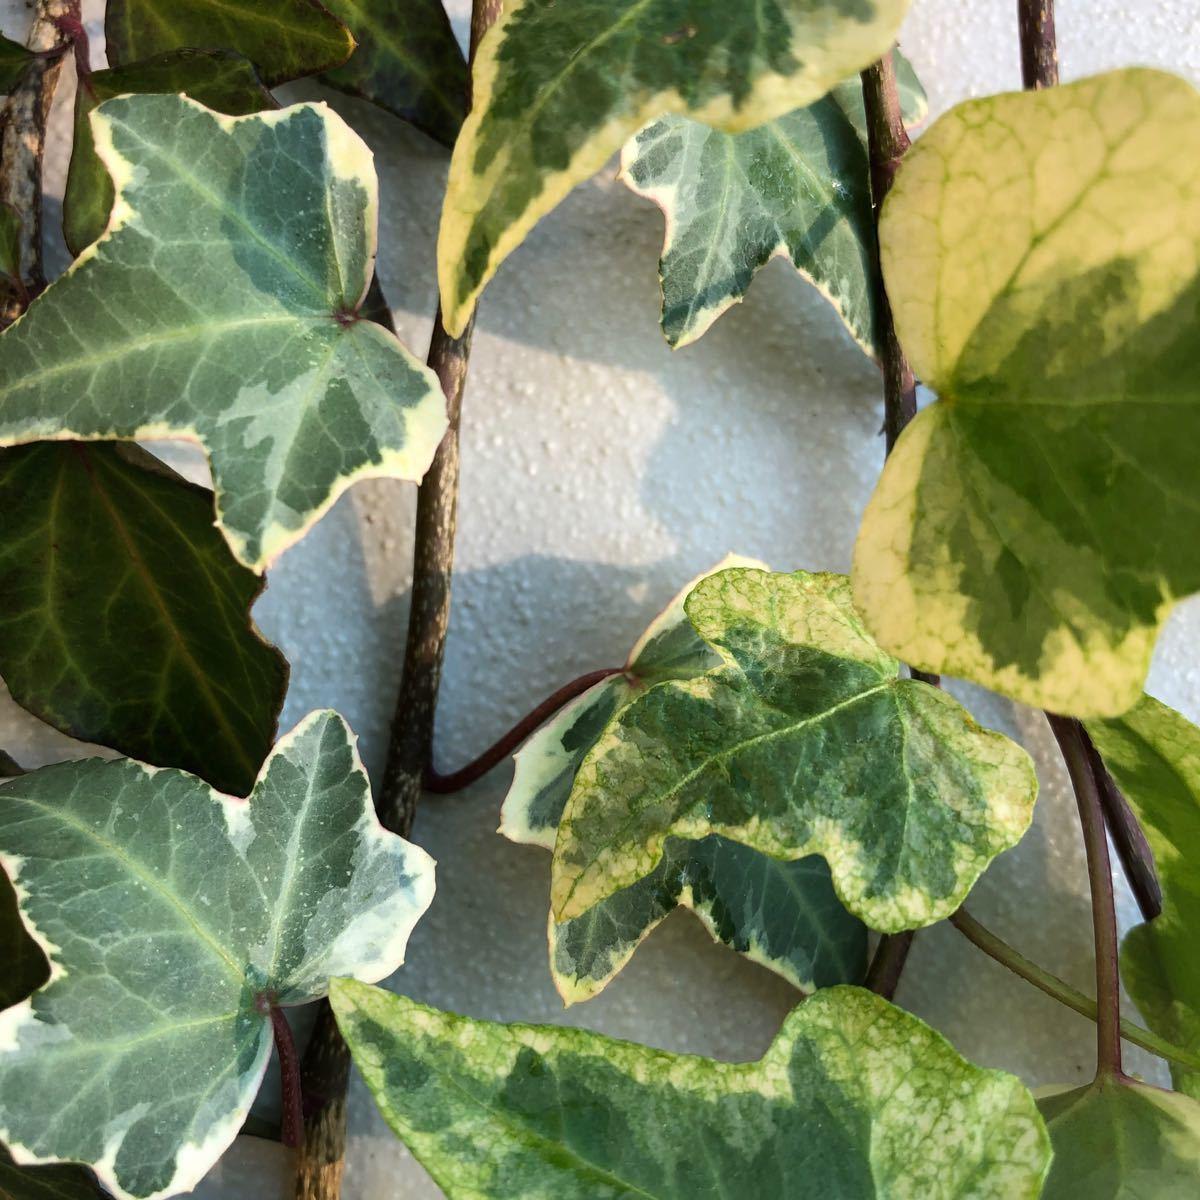 ヘデラ アイビー(2品種)摘みたて 無農薬 無施肥